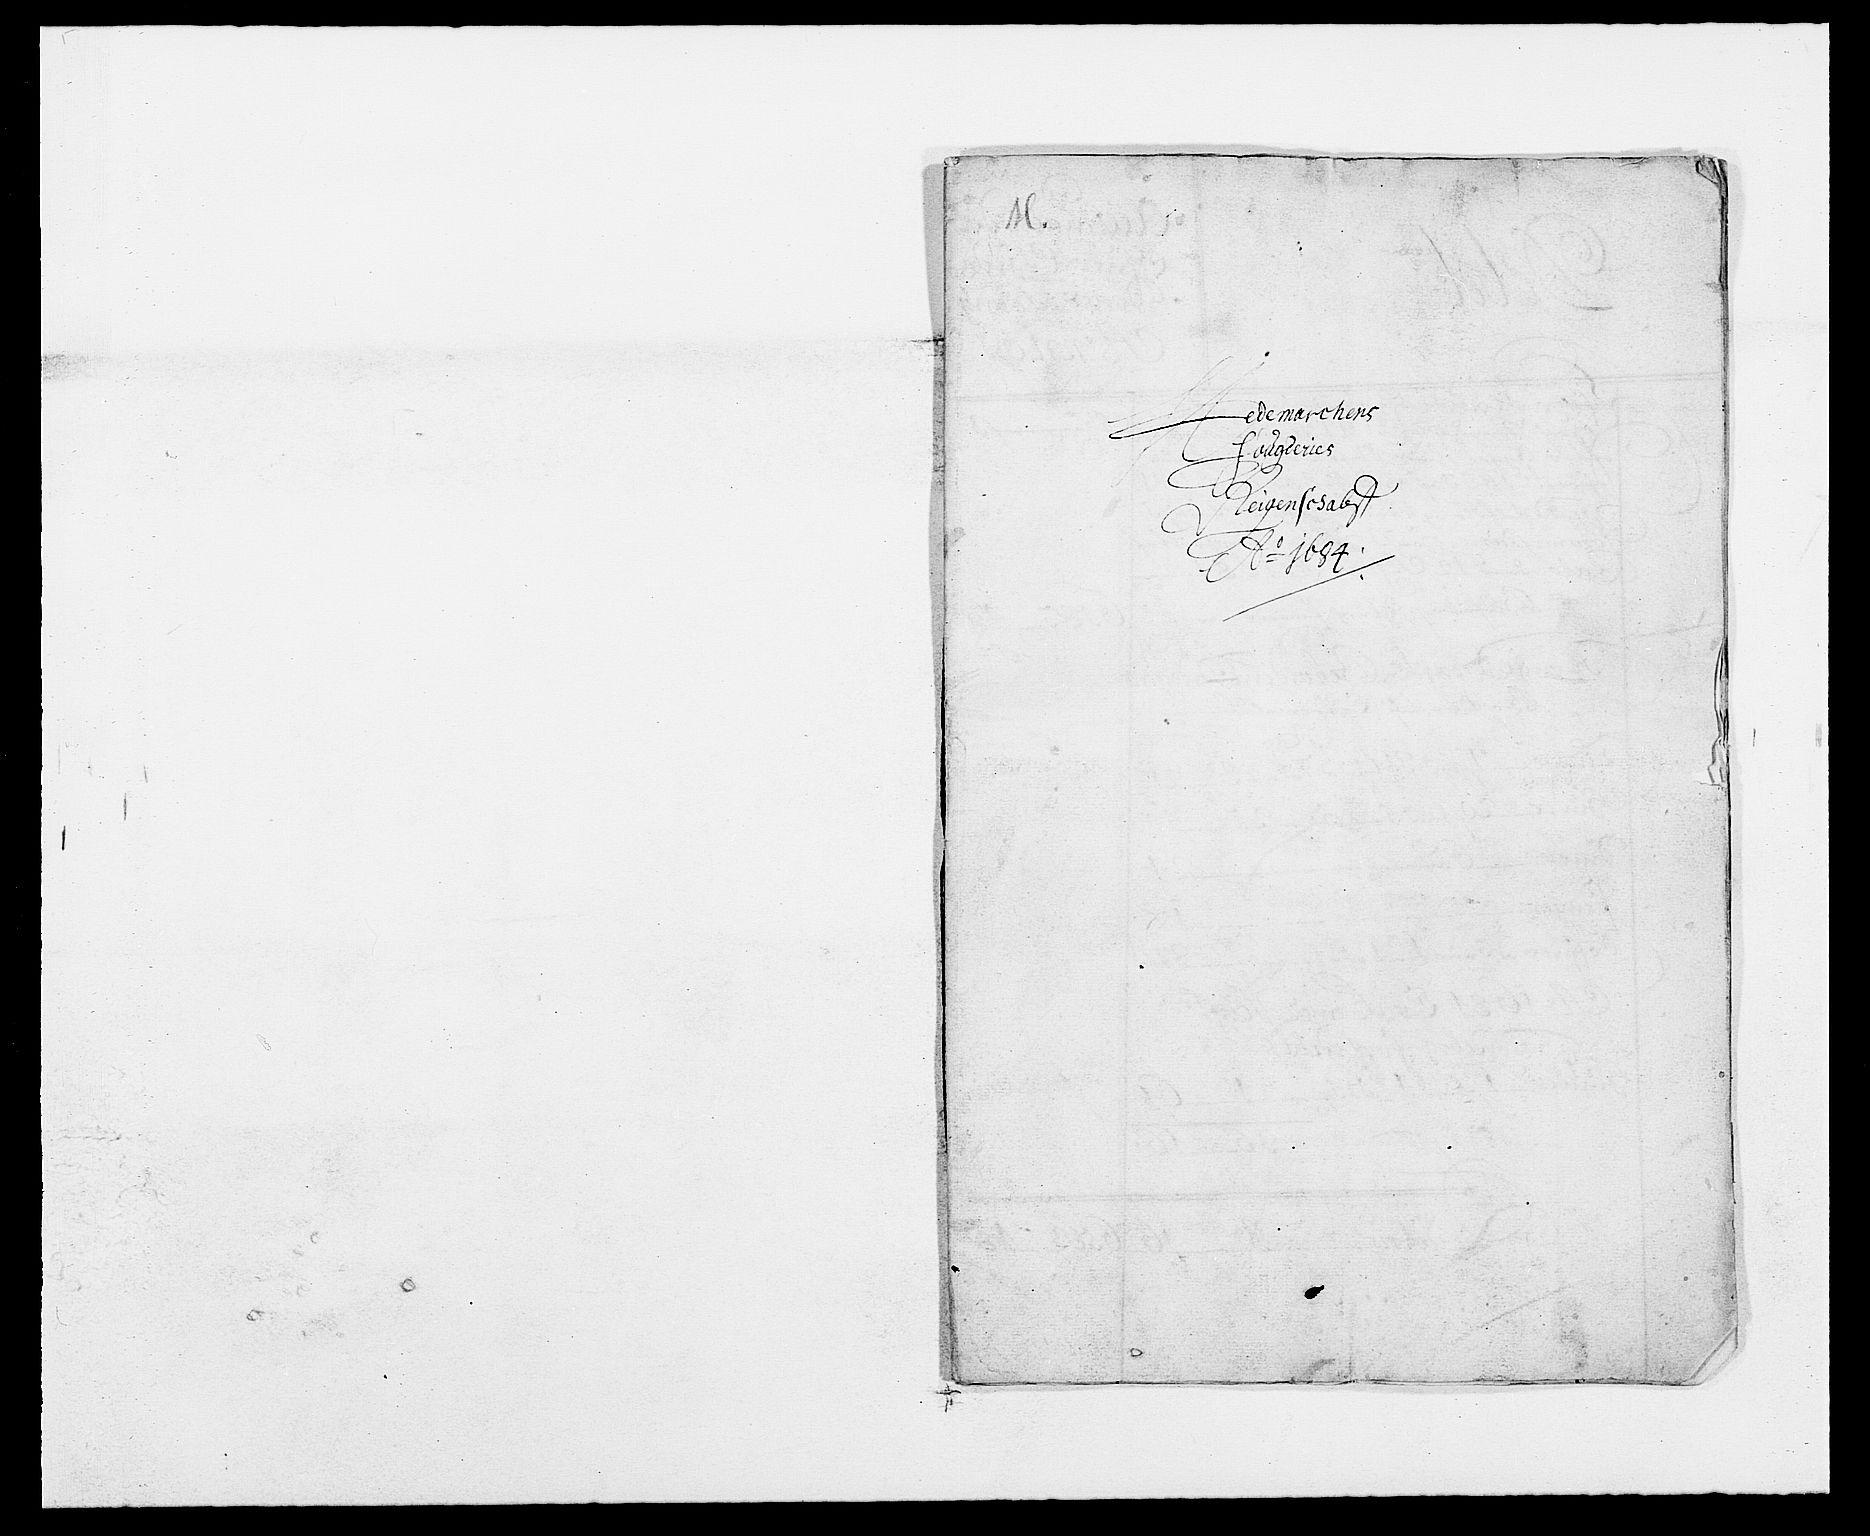 RA, Rentekammeret inntil 1814, Reviderte regnskaper, Fogderegnskap, R16/L1025: Fogderegnskap Hedmark, 1684, s. 2